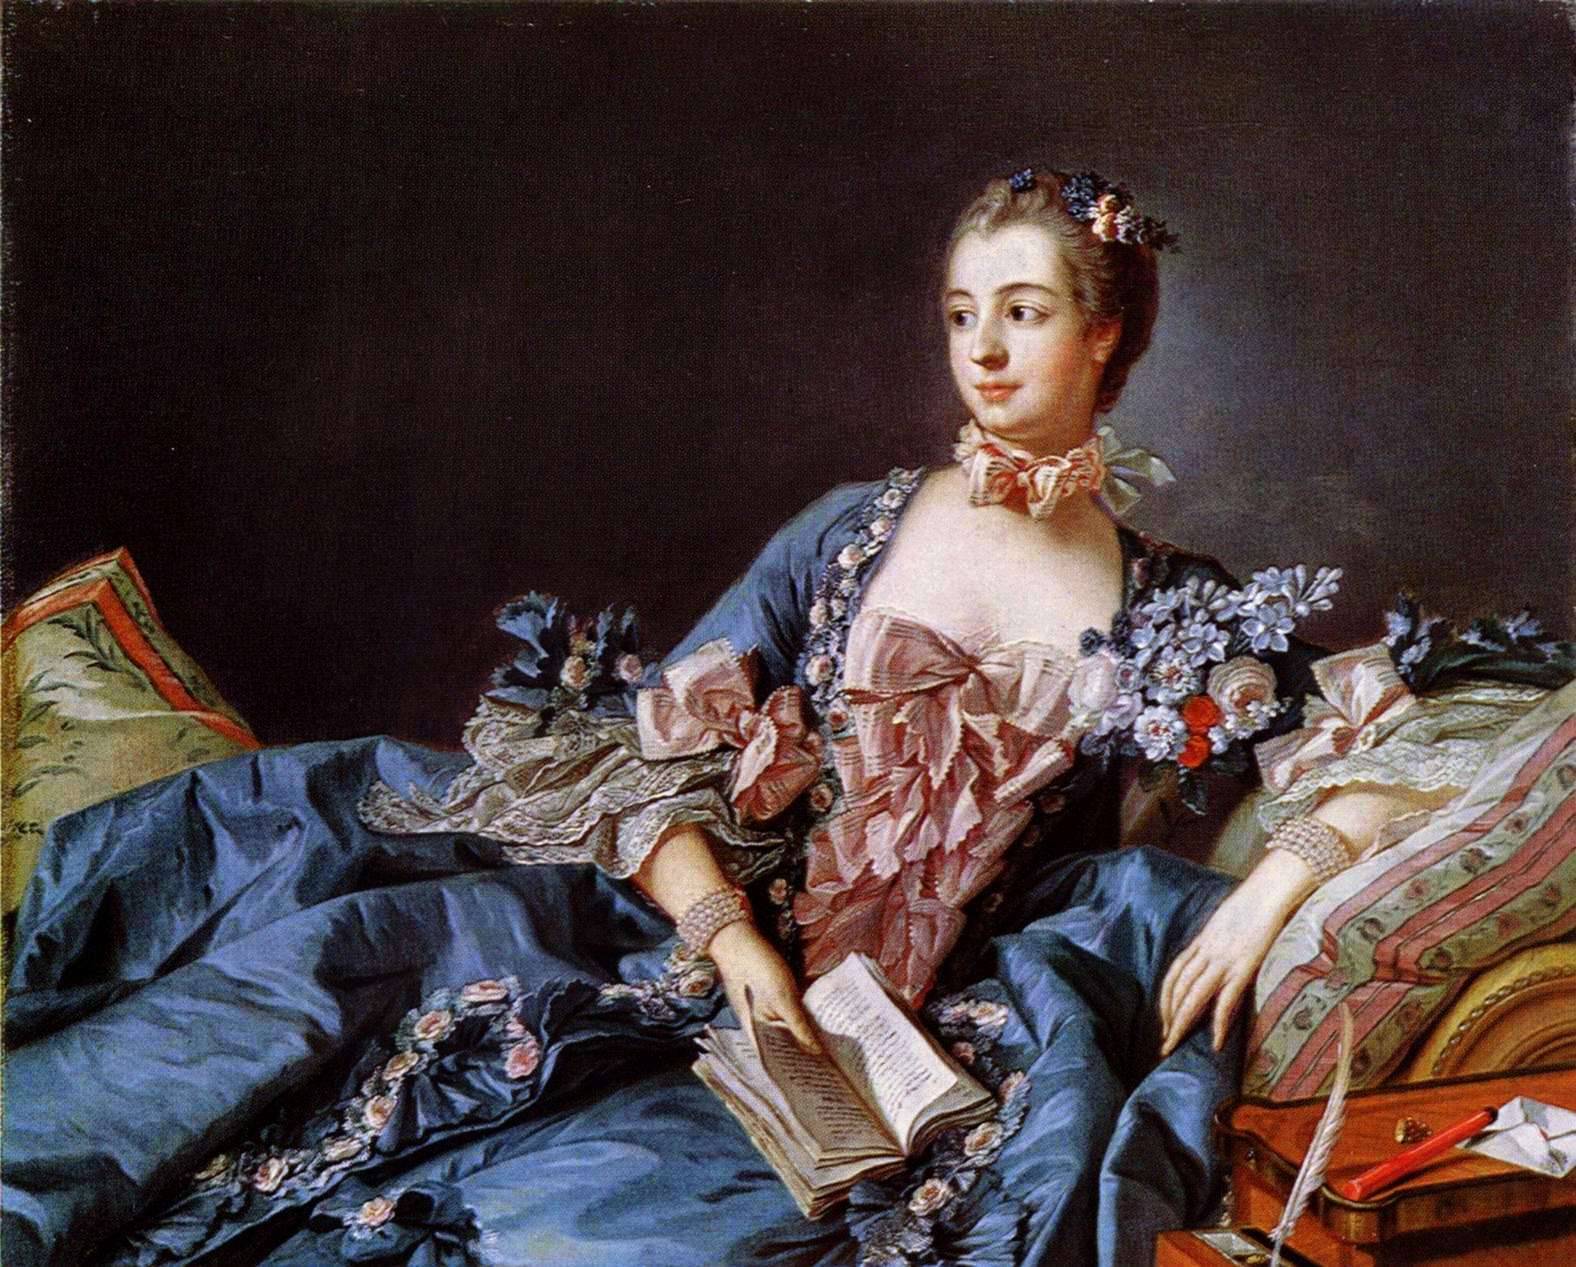 Porträt der Madame de Pompadour, François Boucher [Public domain], via Wikimedia Commons